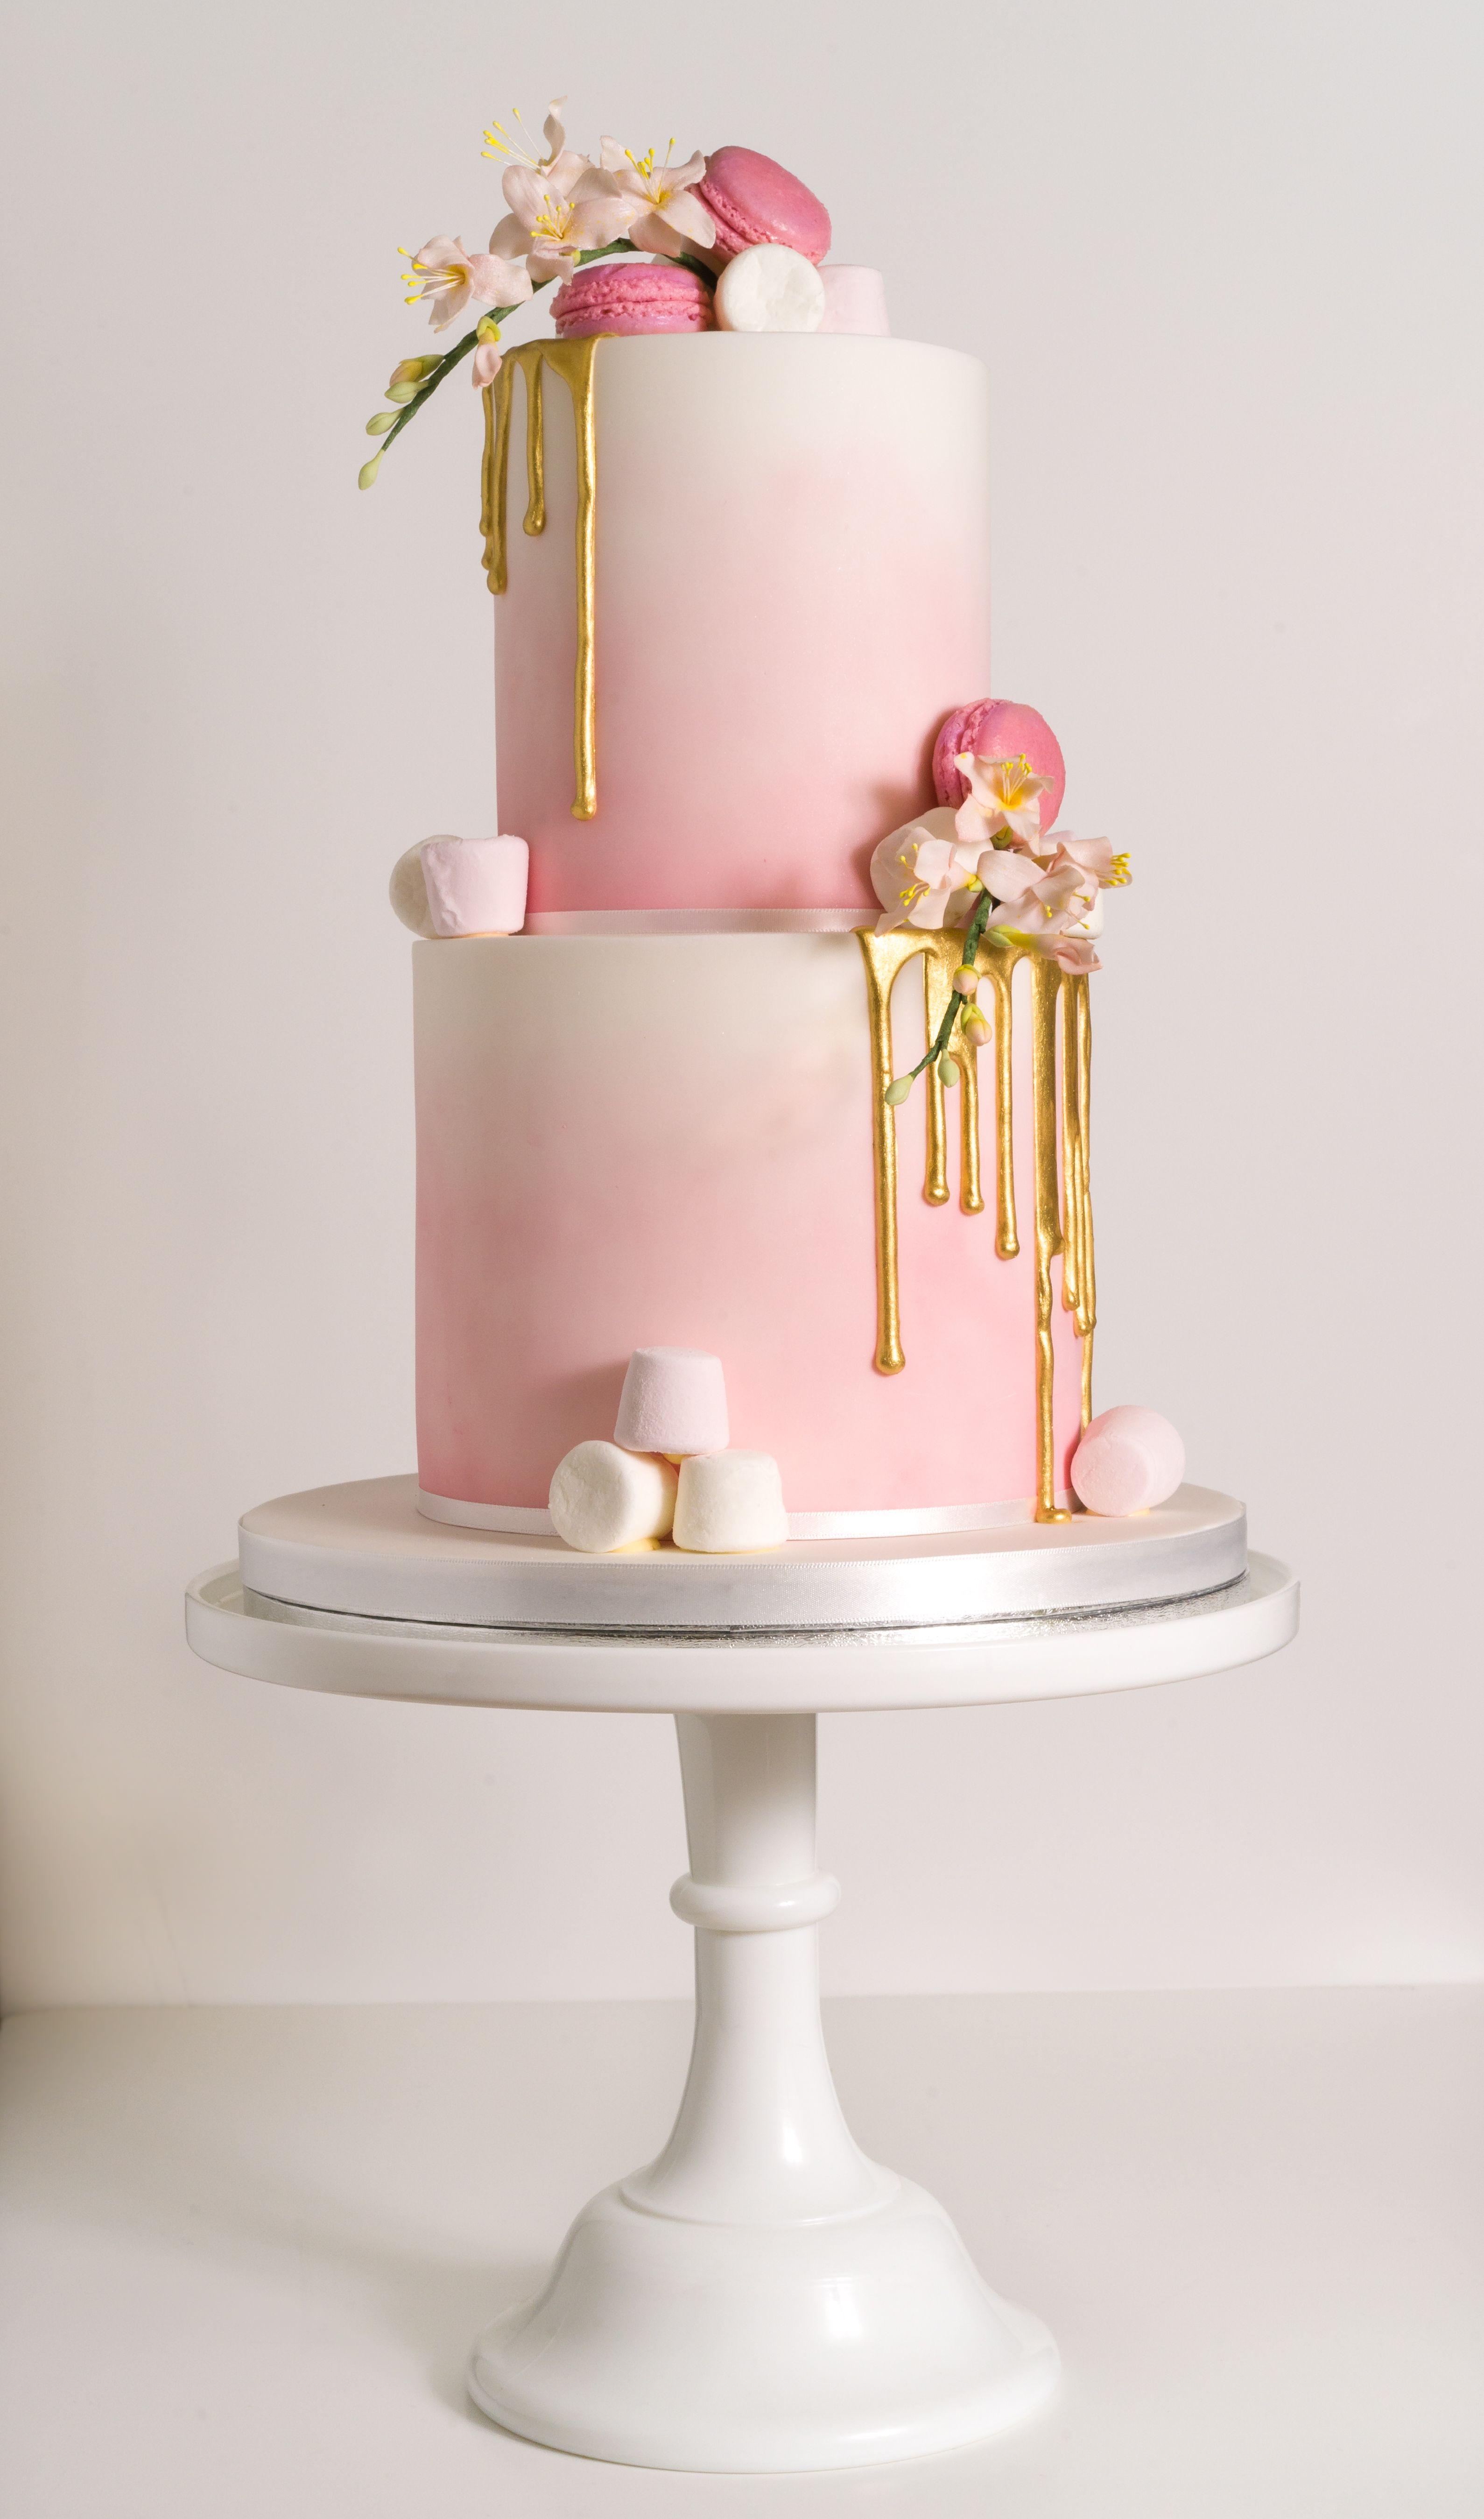 7eaa9a1614453 Indian Weddings Inspirations. Pink Wedding Cake. Repinned by  #indianweddingsmag indianweddingsmag.com #weddingcake